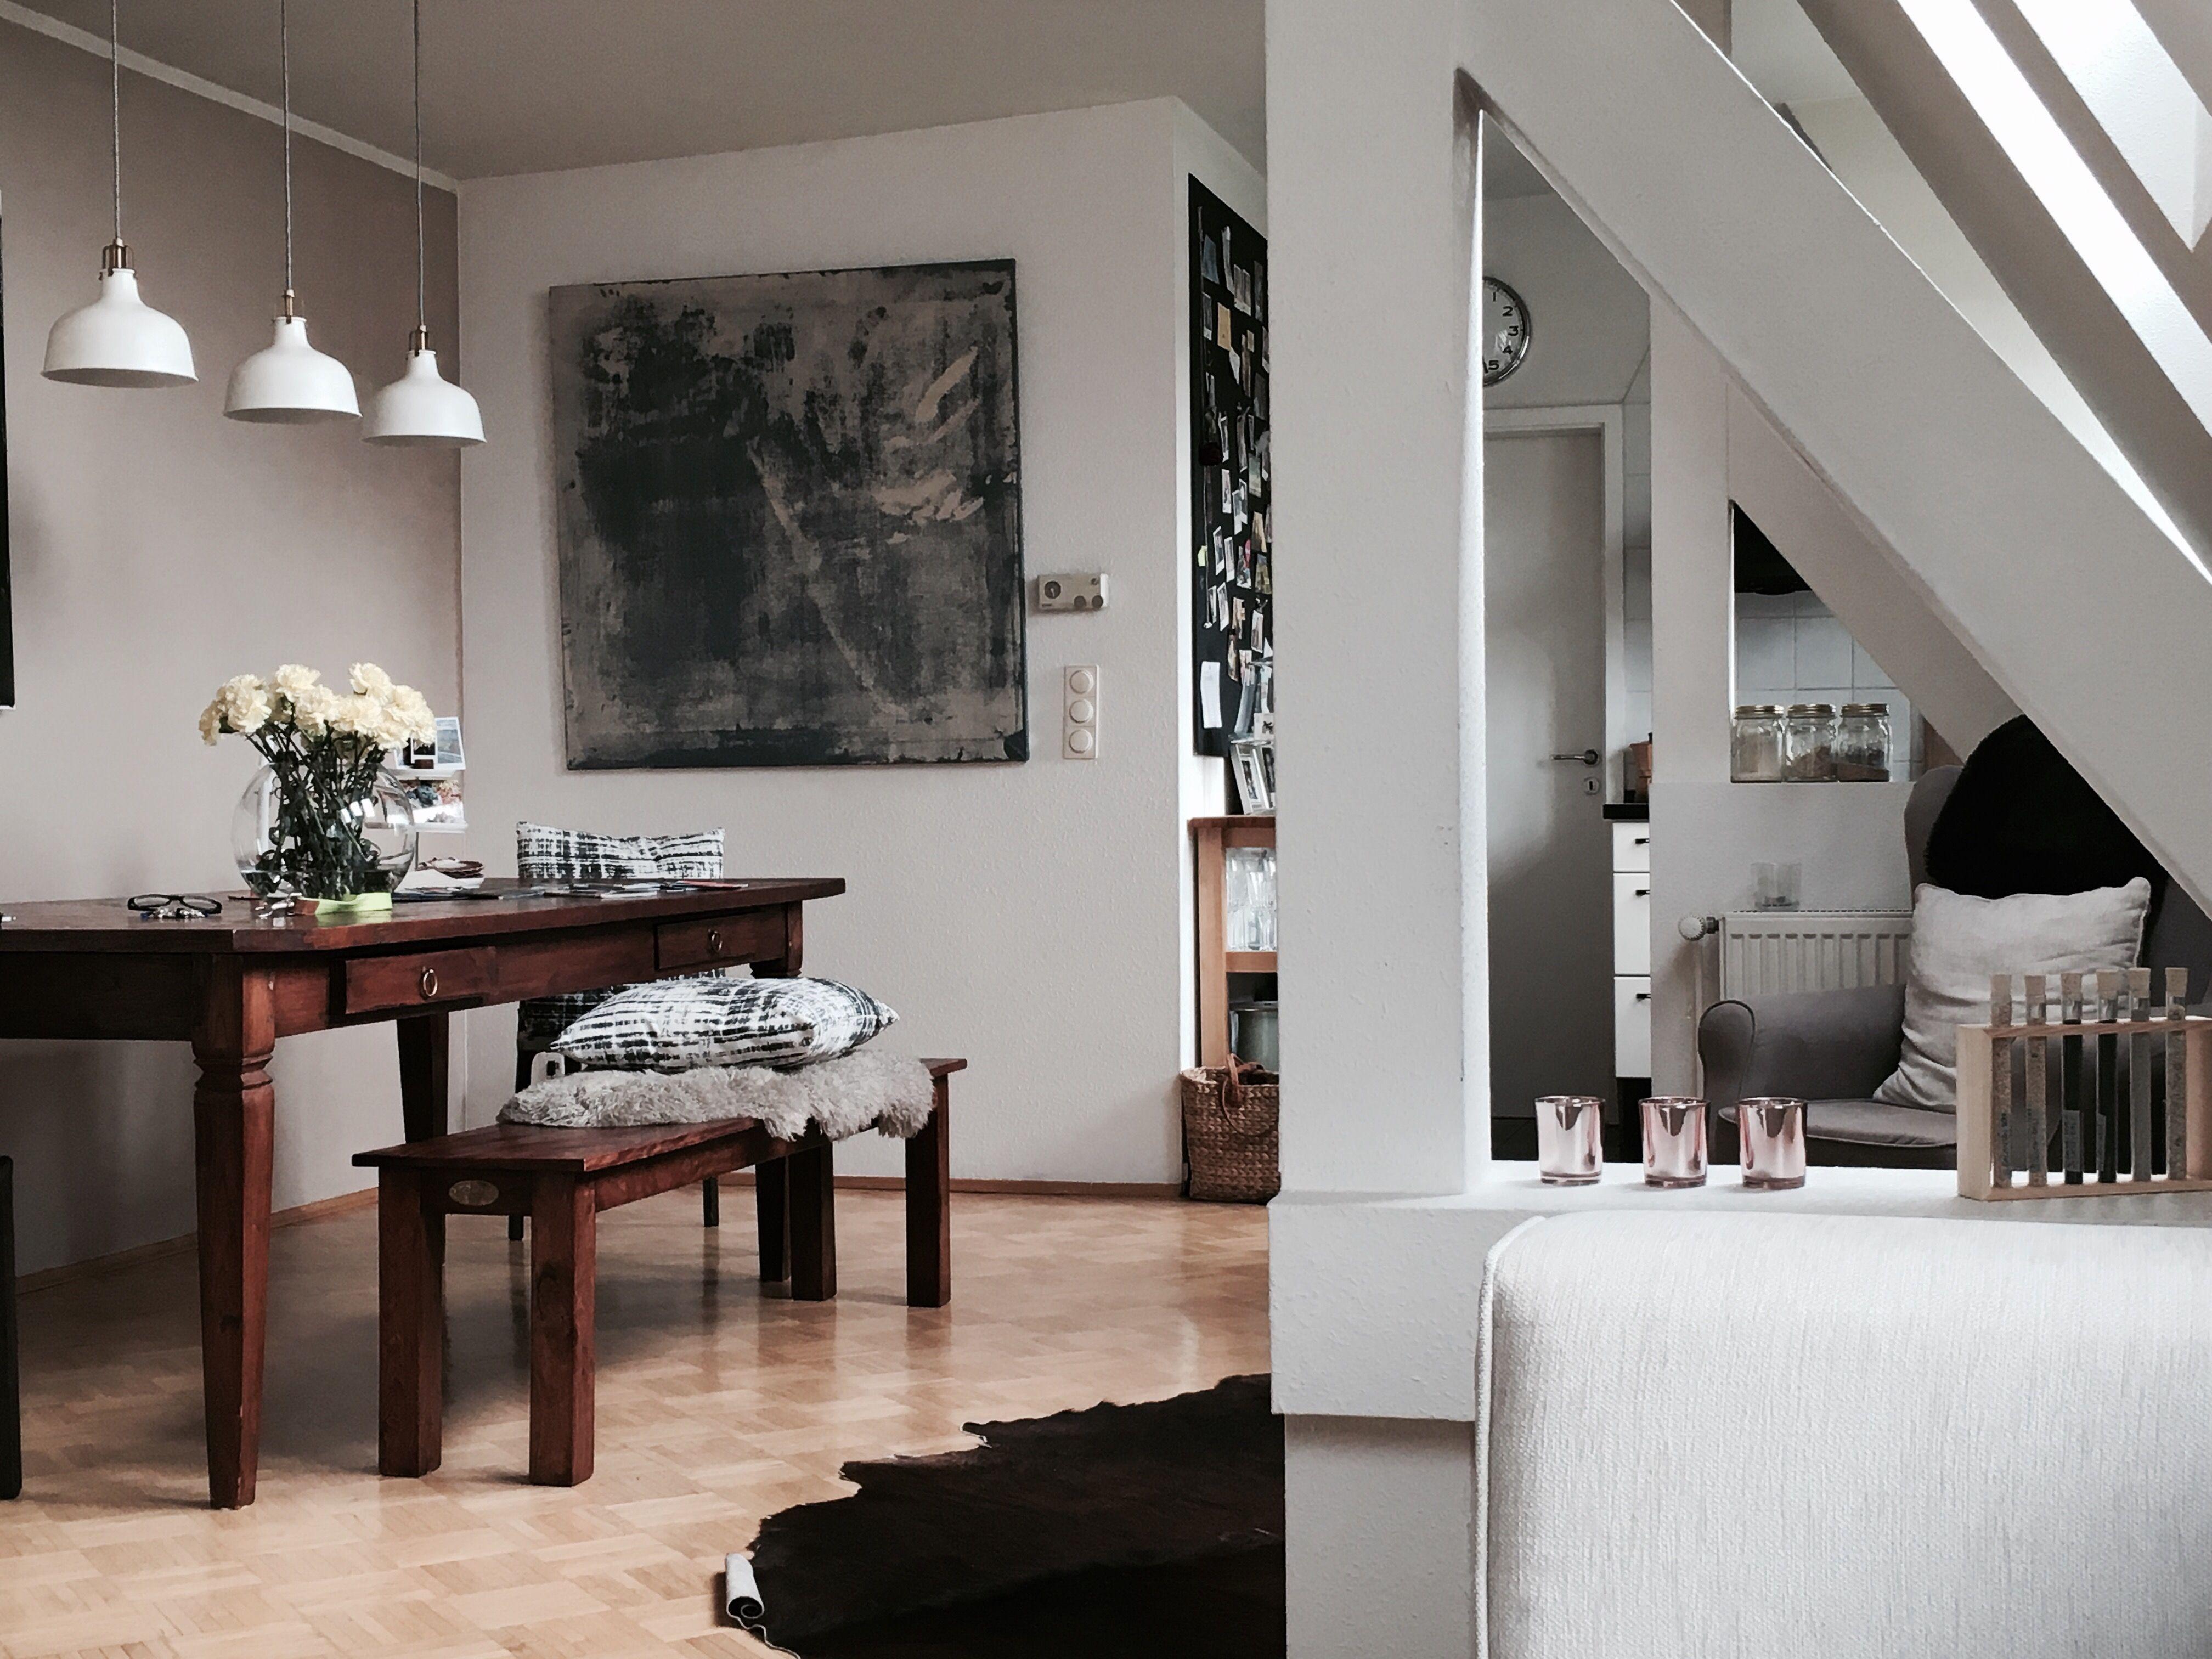 Hamburg, Germany, Airbnb, Wohnung, Livingroom, Flat, Interior, Einrichtung,